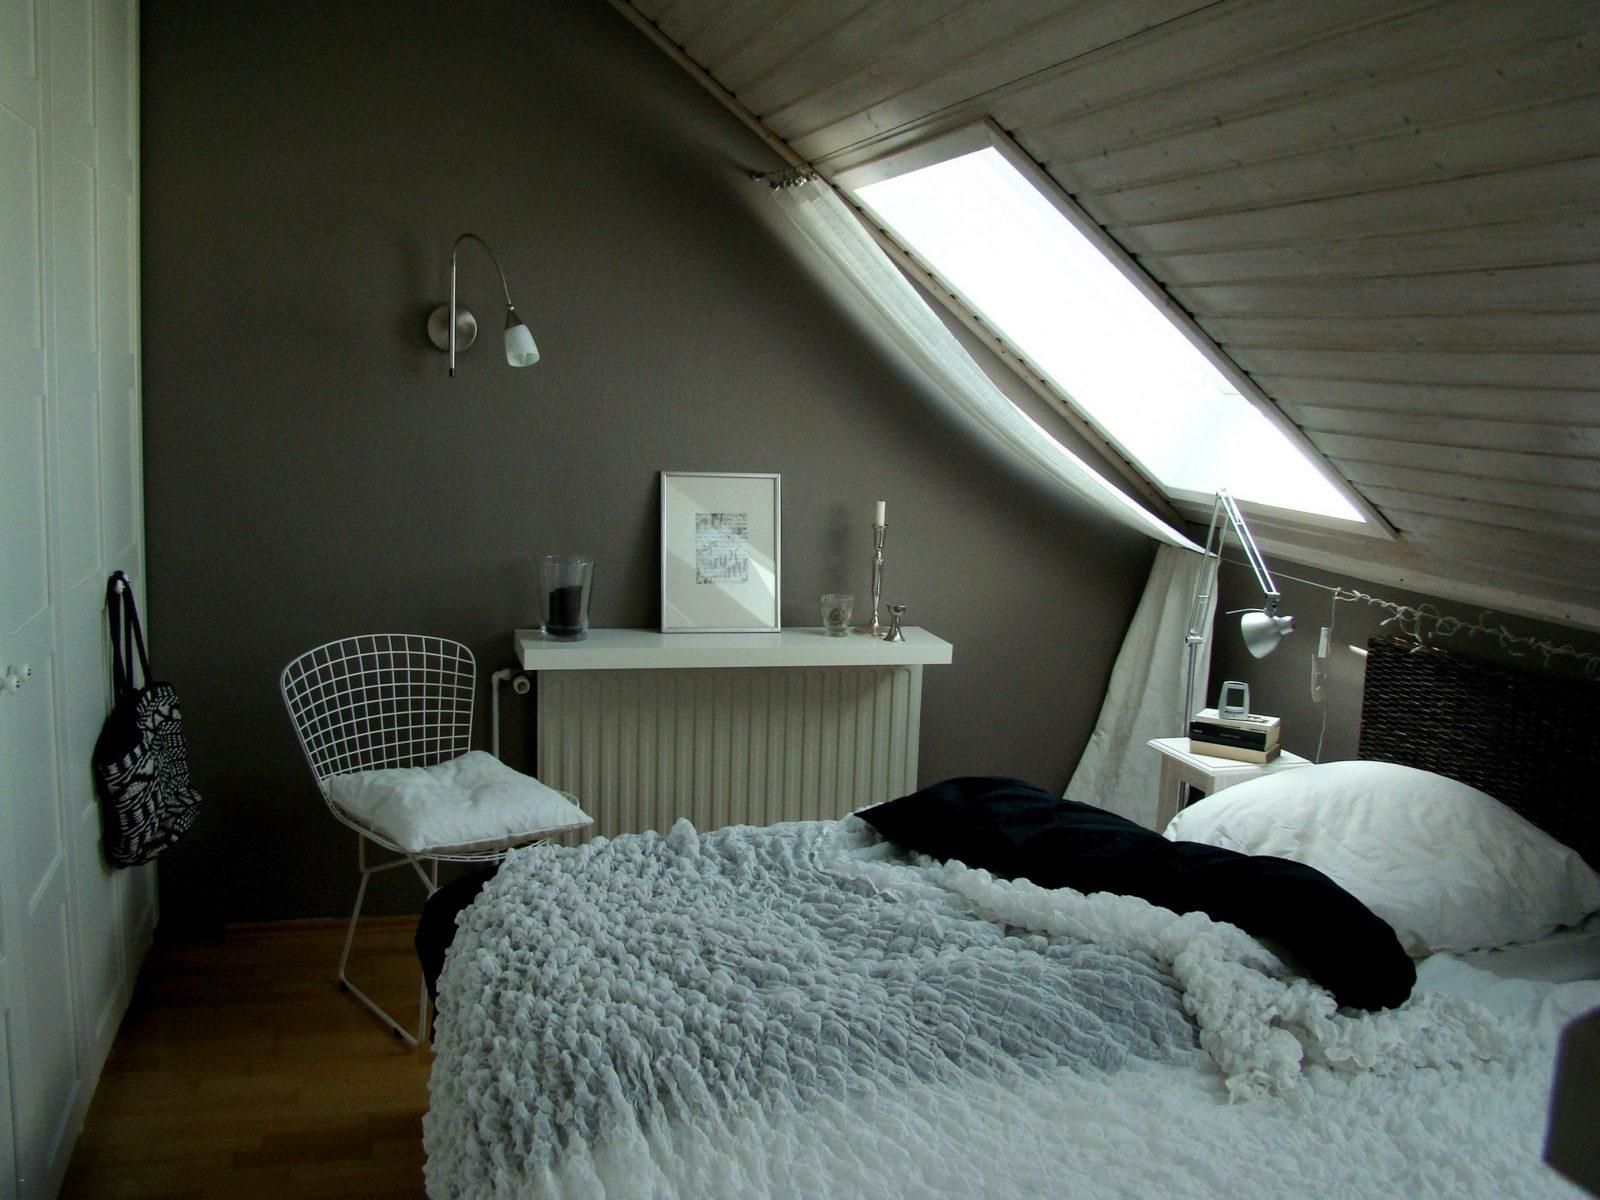 Dekorationen Stilvolle Schlafzimmer Ideen Dachschräge Das